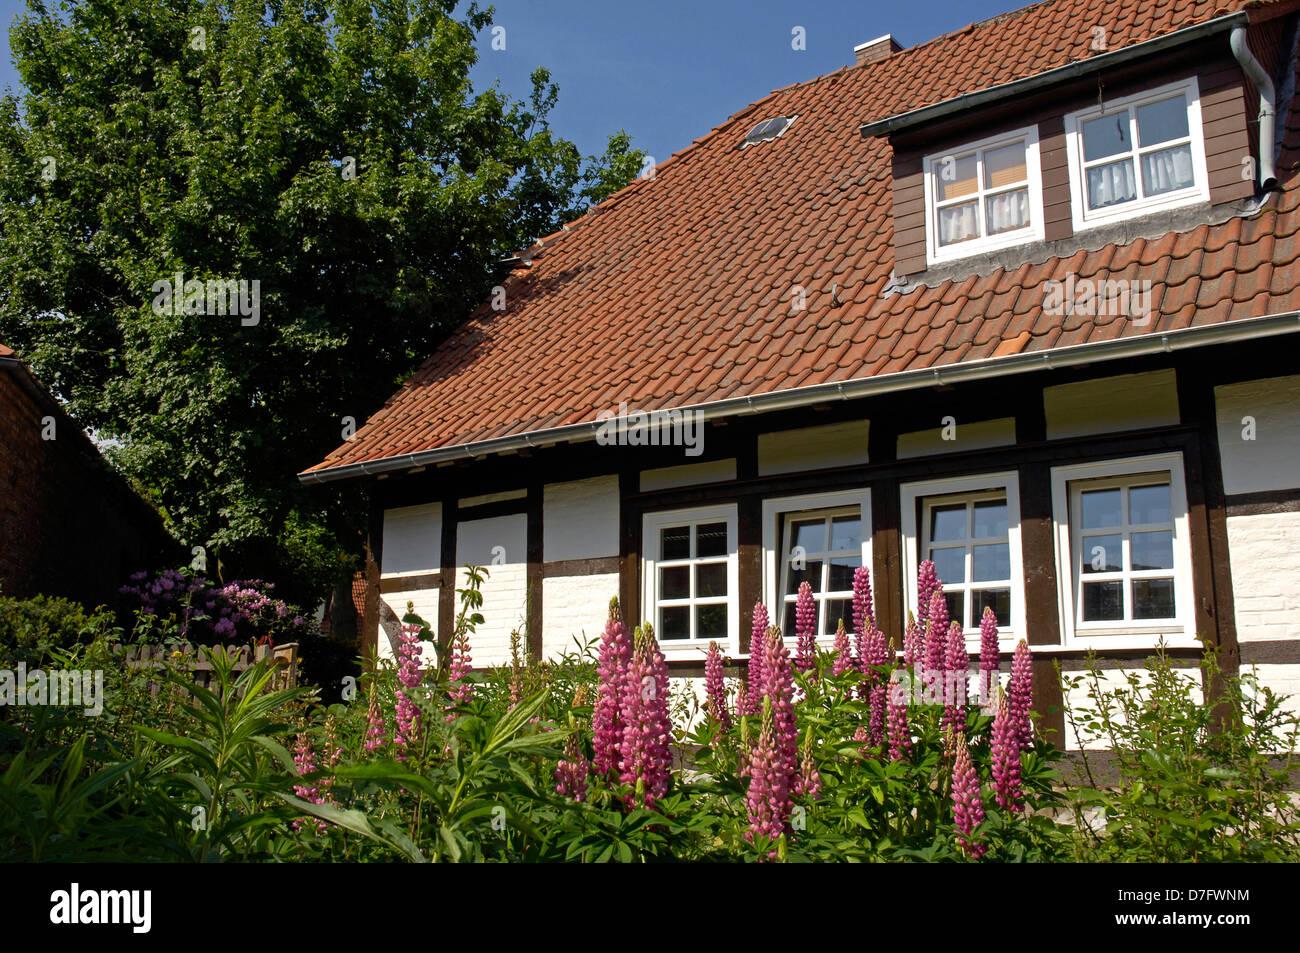 Architektur in Isernhagen, Standesamt, Deutschland, Niedersachsen, traditionelle Gebäude Stockbild